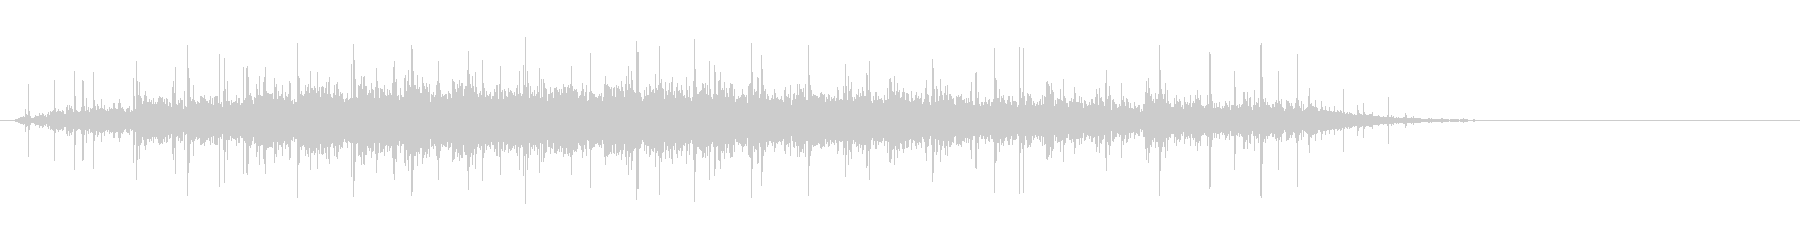 [生録音]拍手02(コンサートホール)の未再生の波形